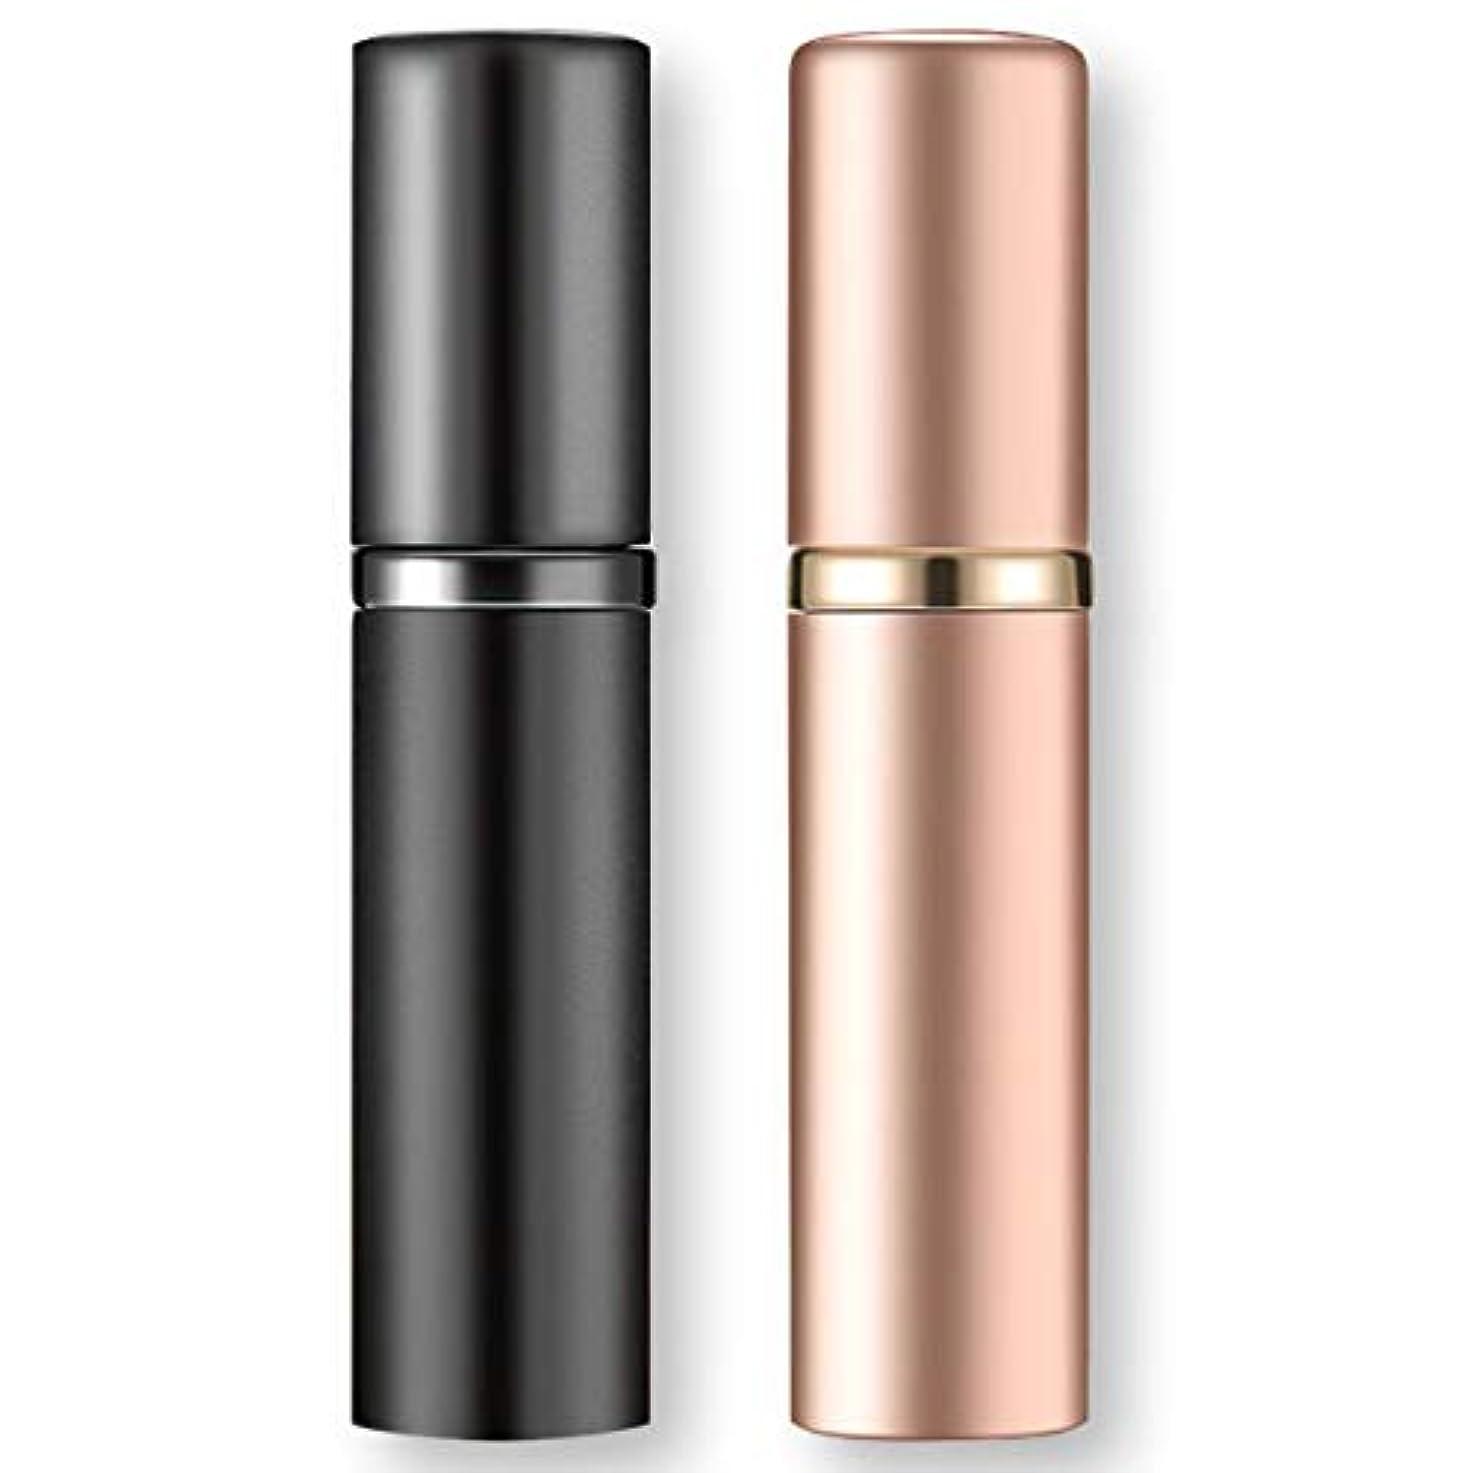 密ロデオビルマフェリモア アトマイザー 香水 詰め替え クイック補充 漏斗不要 旅行用 機内持ち込み可 2色セット